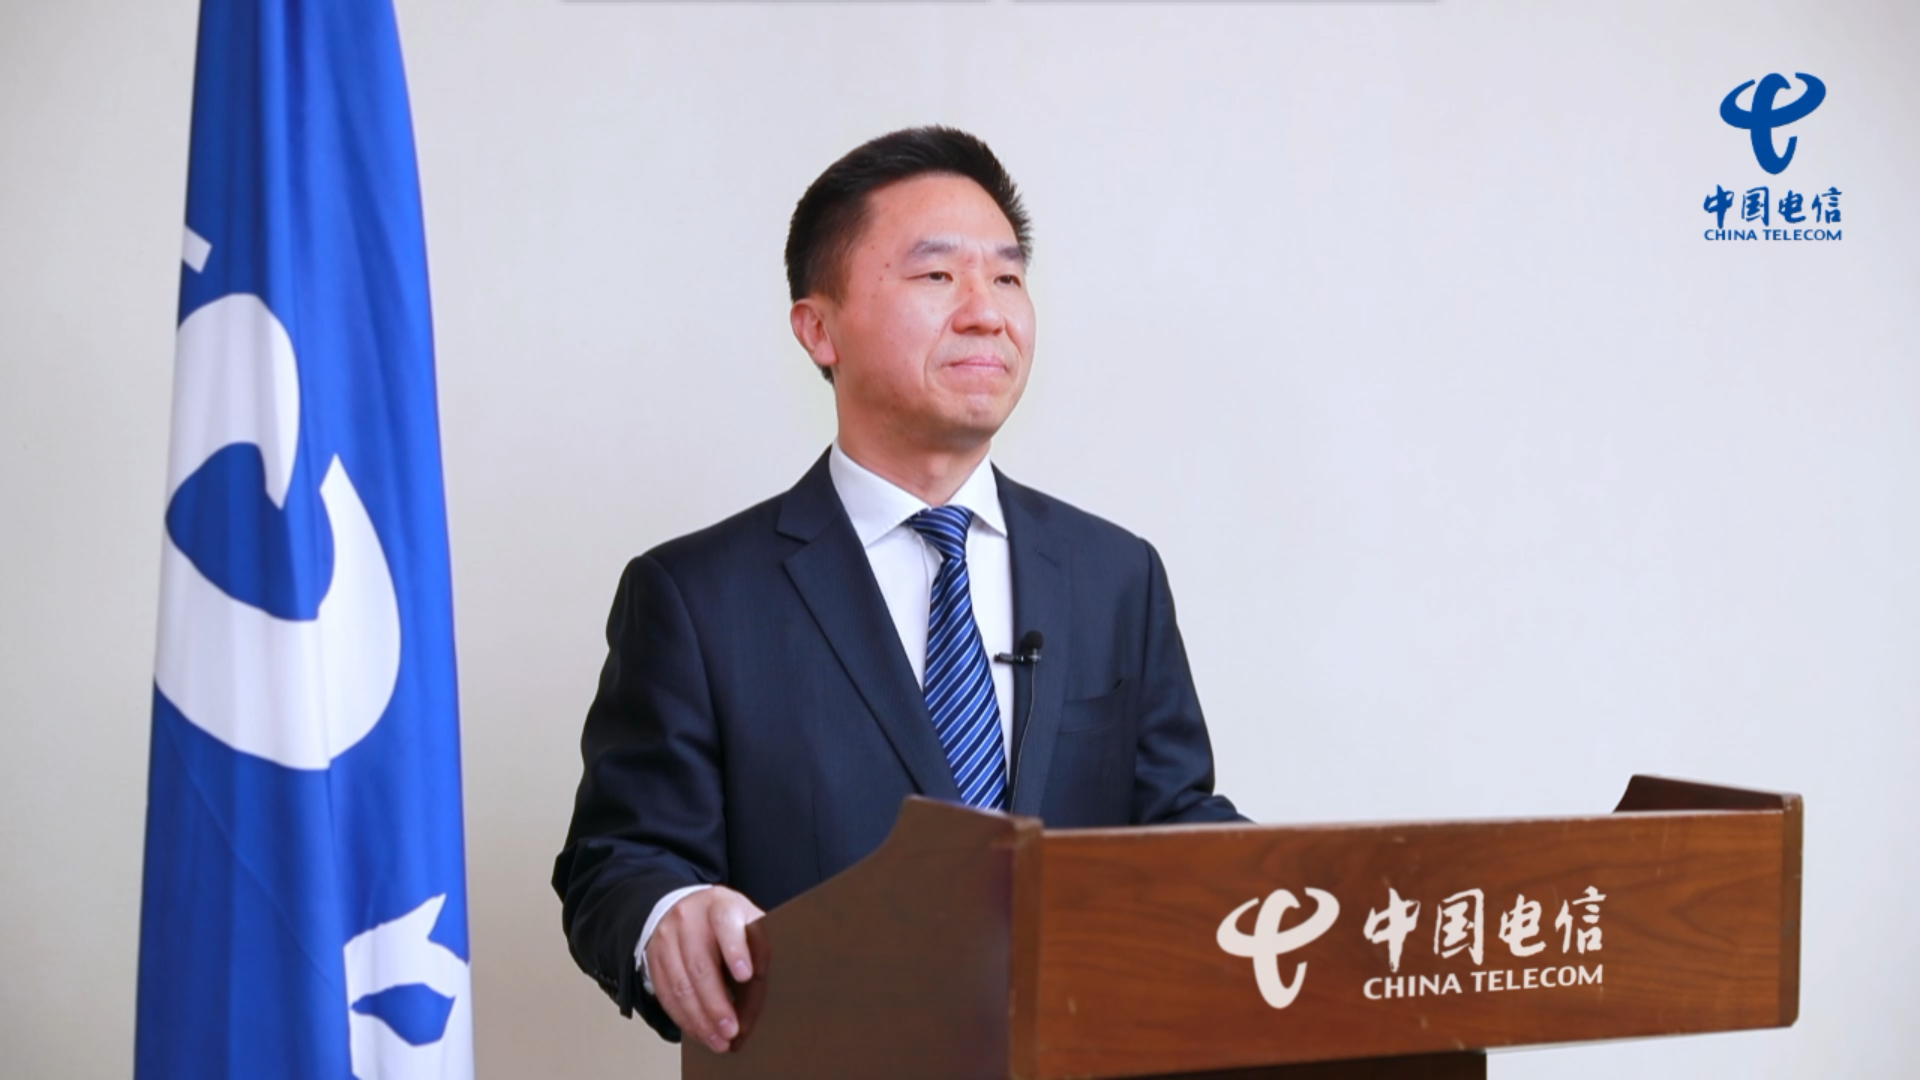 """《5G SA部署指南》全球首发 中国电信锁定""""云网融合""""推进""""5G SA计划"""""""